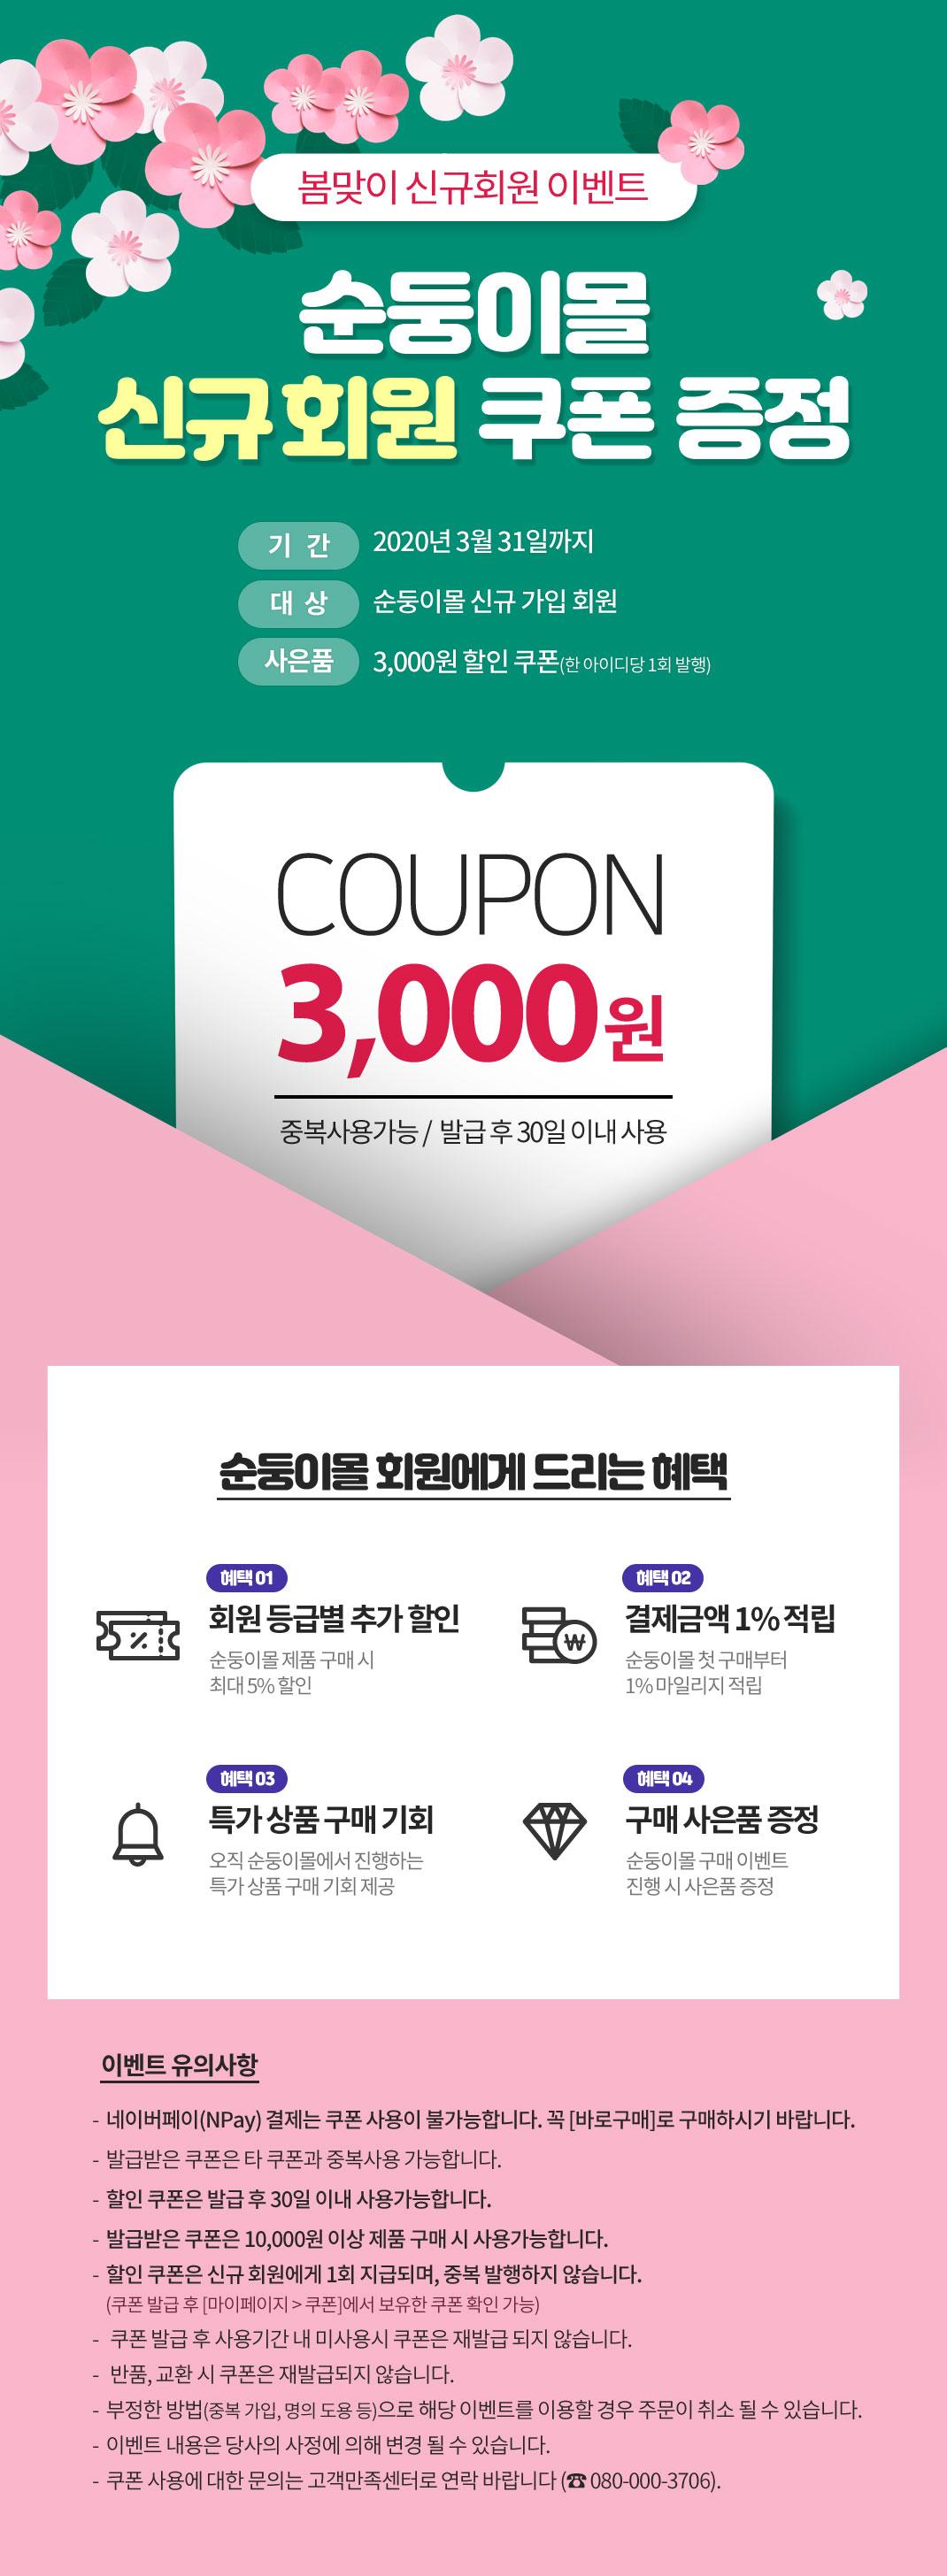 순둥몰 봄맞이 신규회원 이벤트